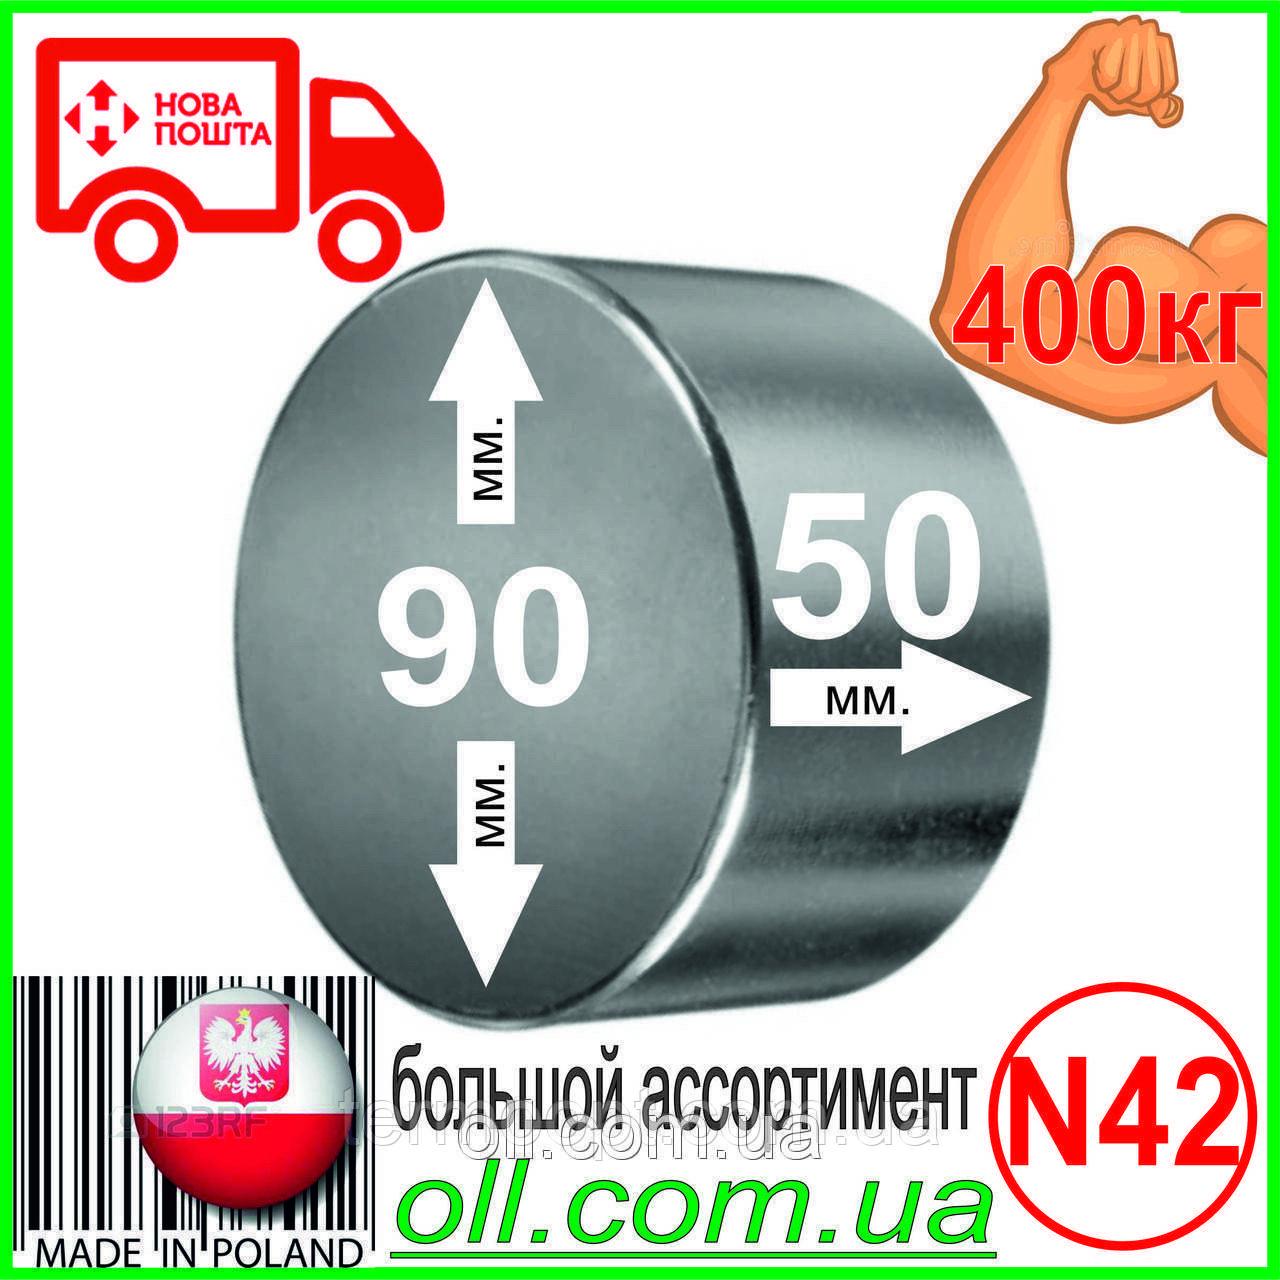 Неодимовый магнит 90 х 50 мм. (на 400 кг.) N42. Польша.